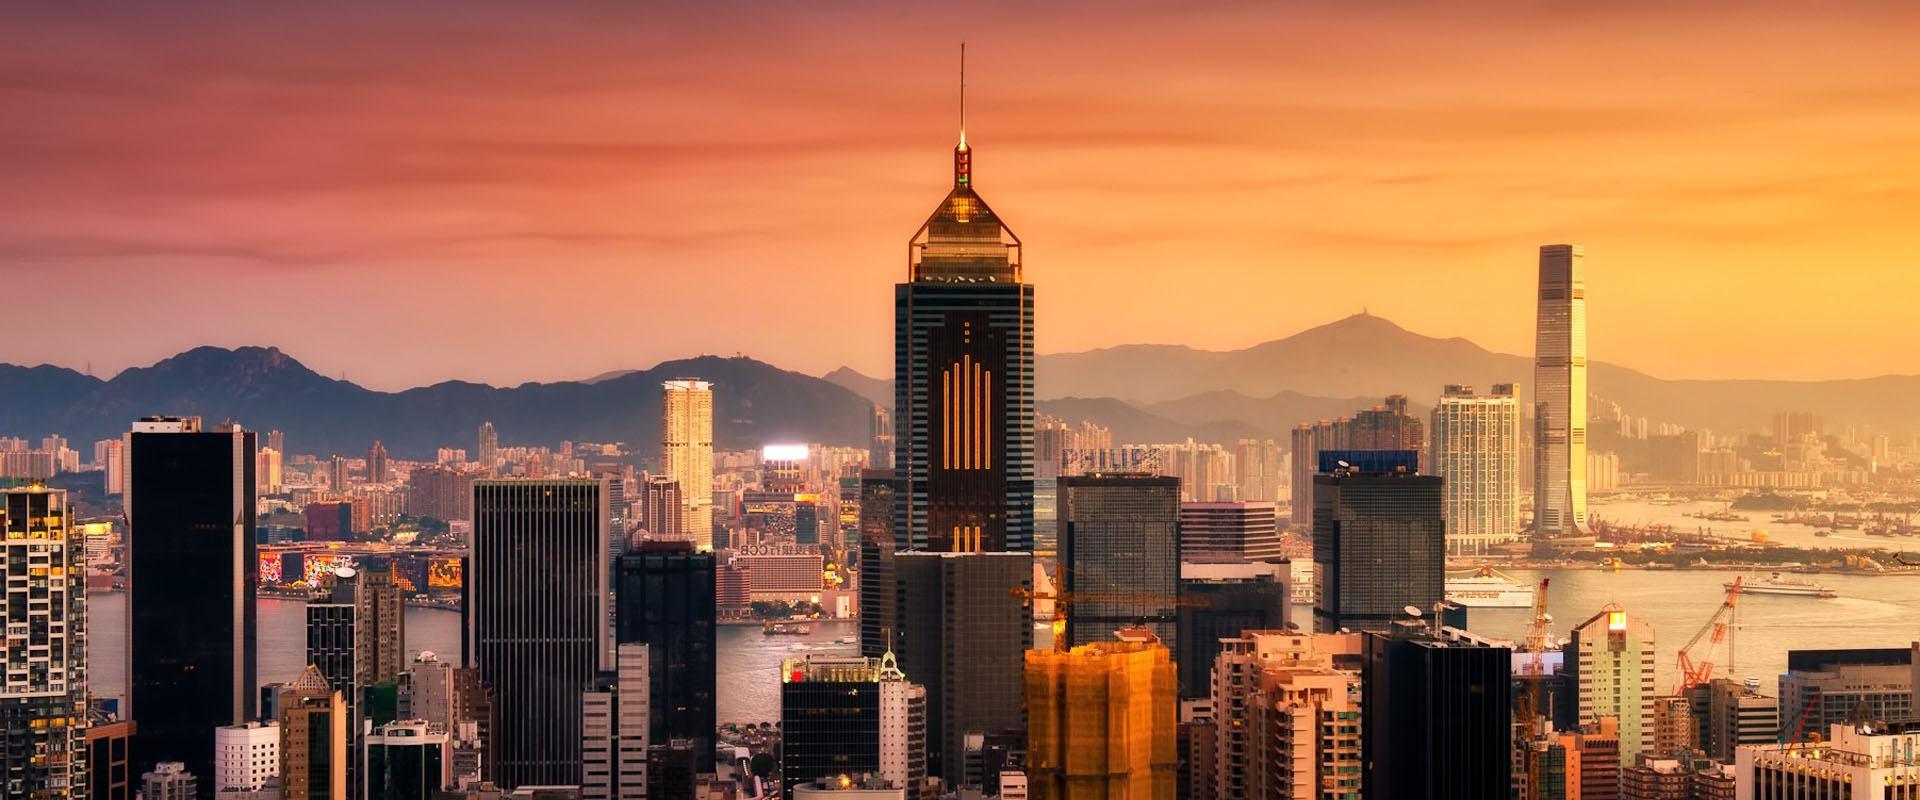 kiinakoulutus.fi - Kiinan kaupan koulutus- ja konsultointipalvelut